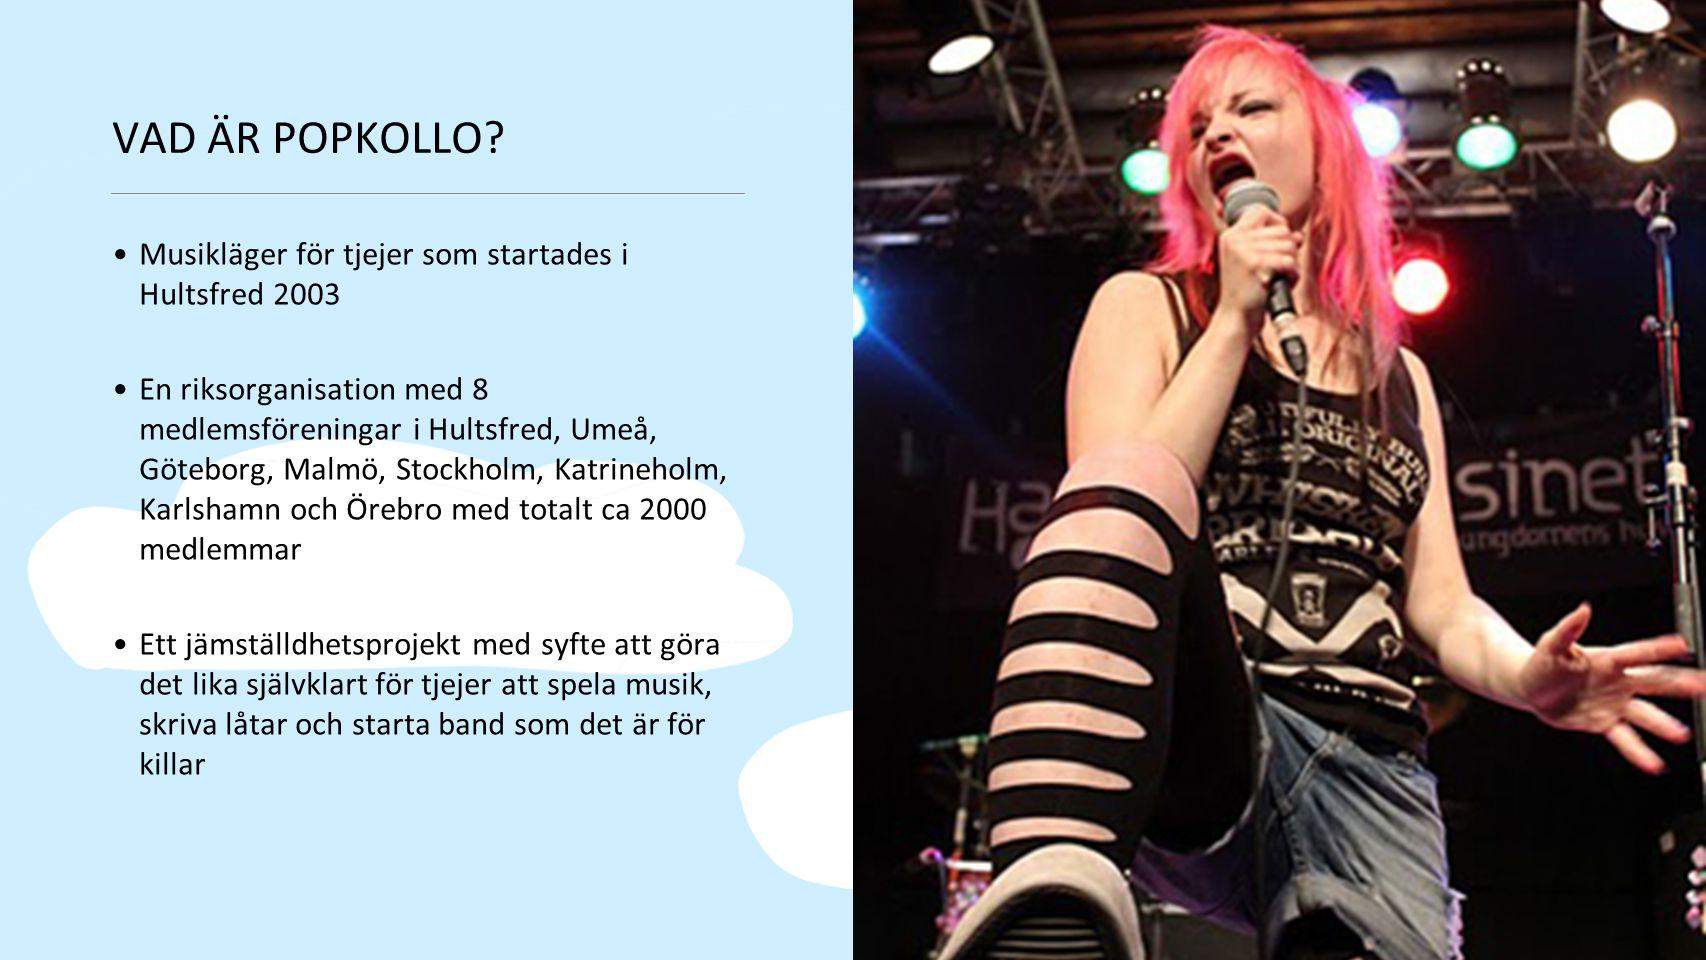 VAD ÄR POPKOLLO? Musikläger för tjejer som startades i Hultsfred 2003 En riksorganisation med 8 medlemsföreningar i Hultsfred, Umeå, Göteborg, Malmö,